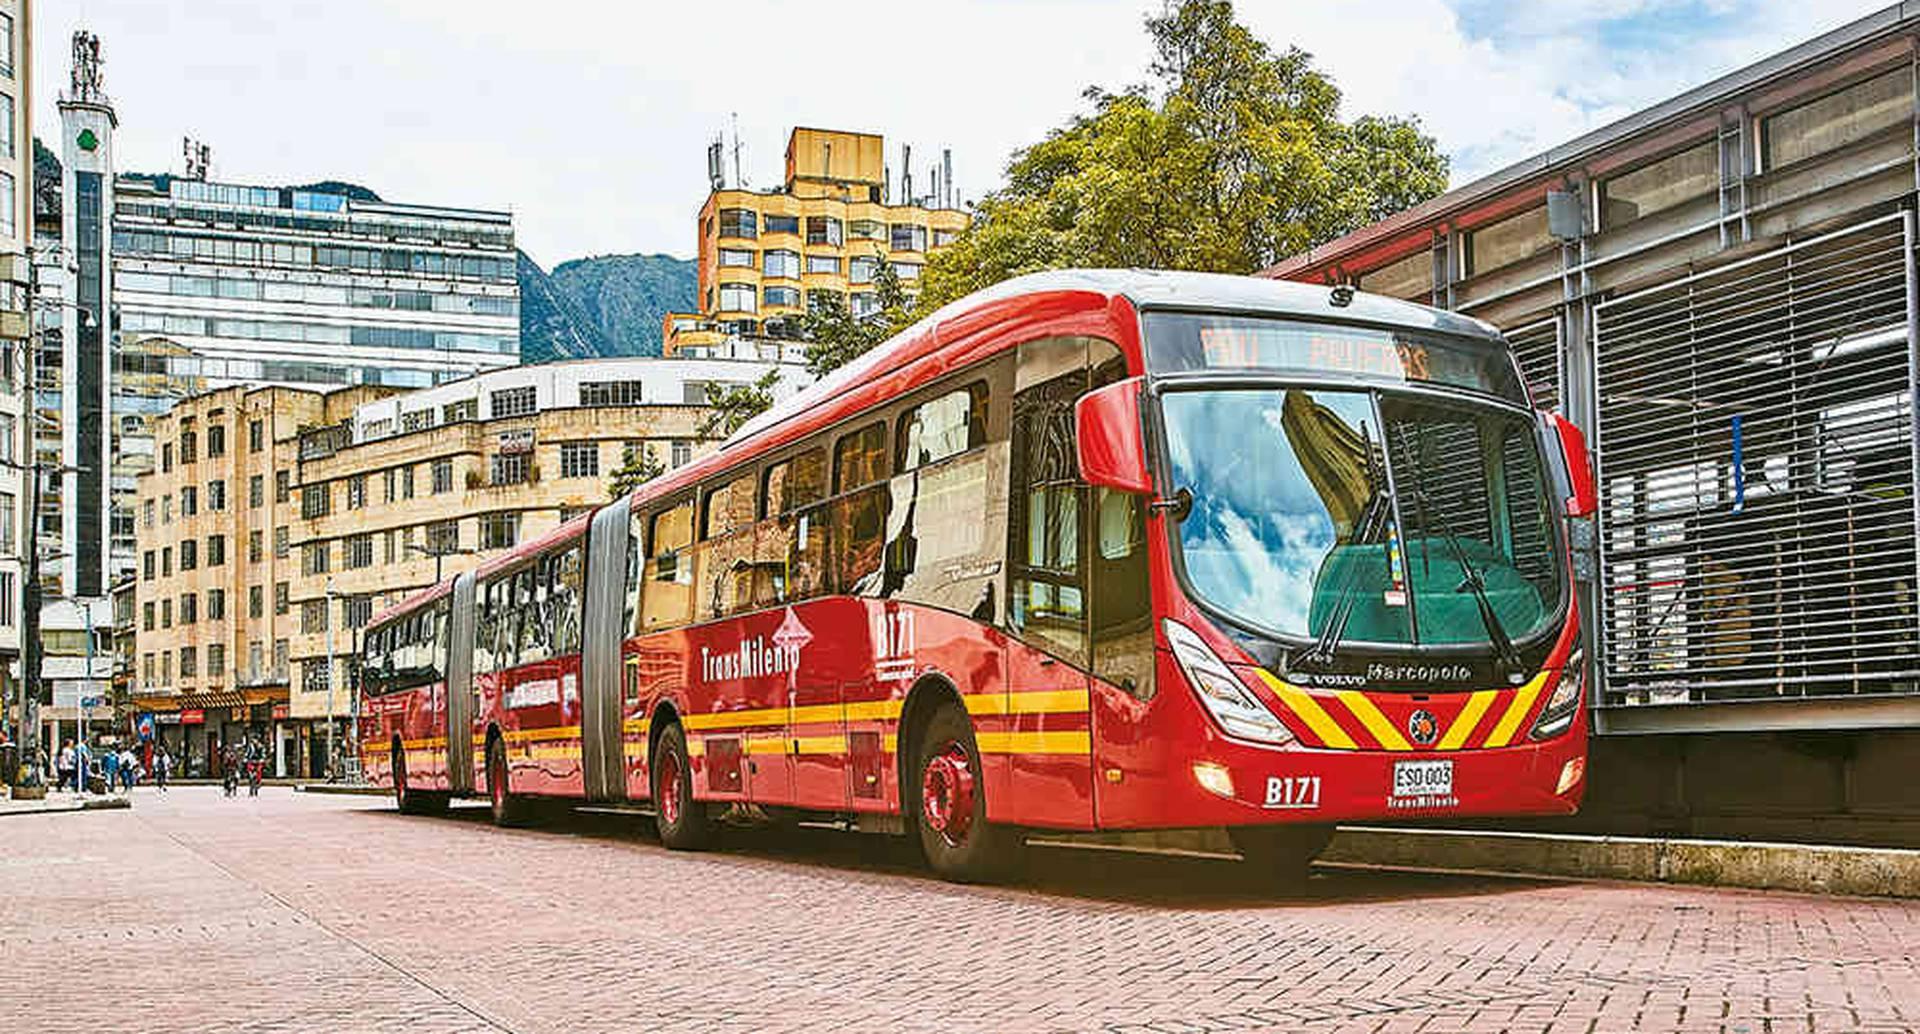 330 nuevos buses entran hoy en funcionamiento/Foto: Archivo Semana